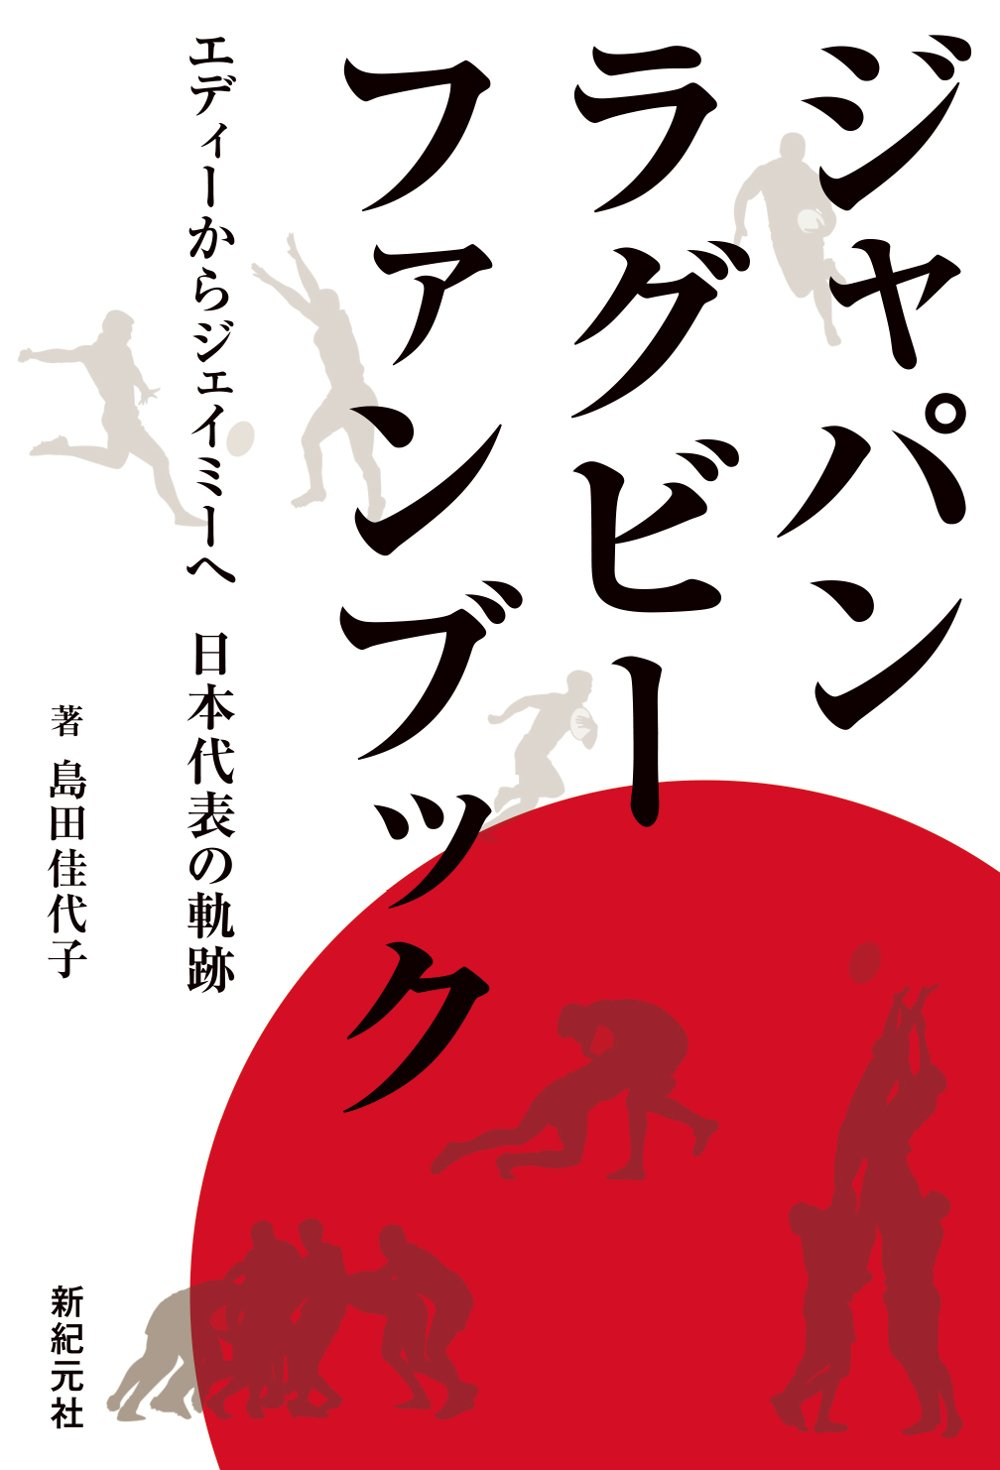 ジャパンラグビー ファンブック エディーからジェイミーへ 日本代表の軌跡 島田 佳代子 (著)